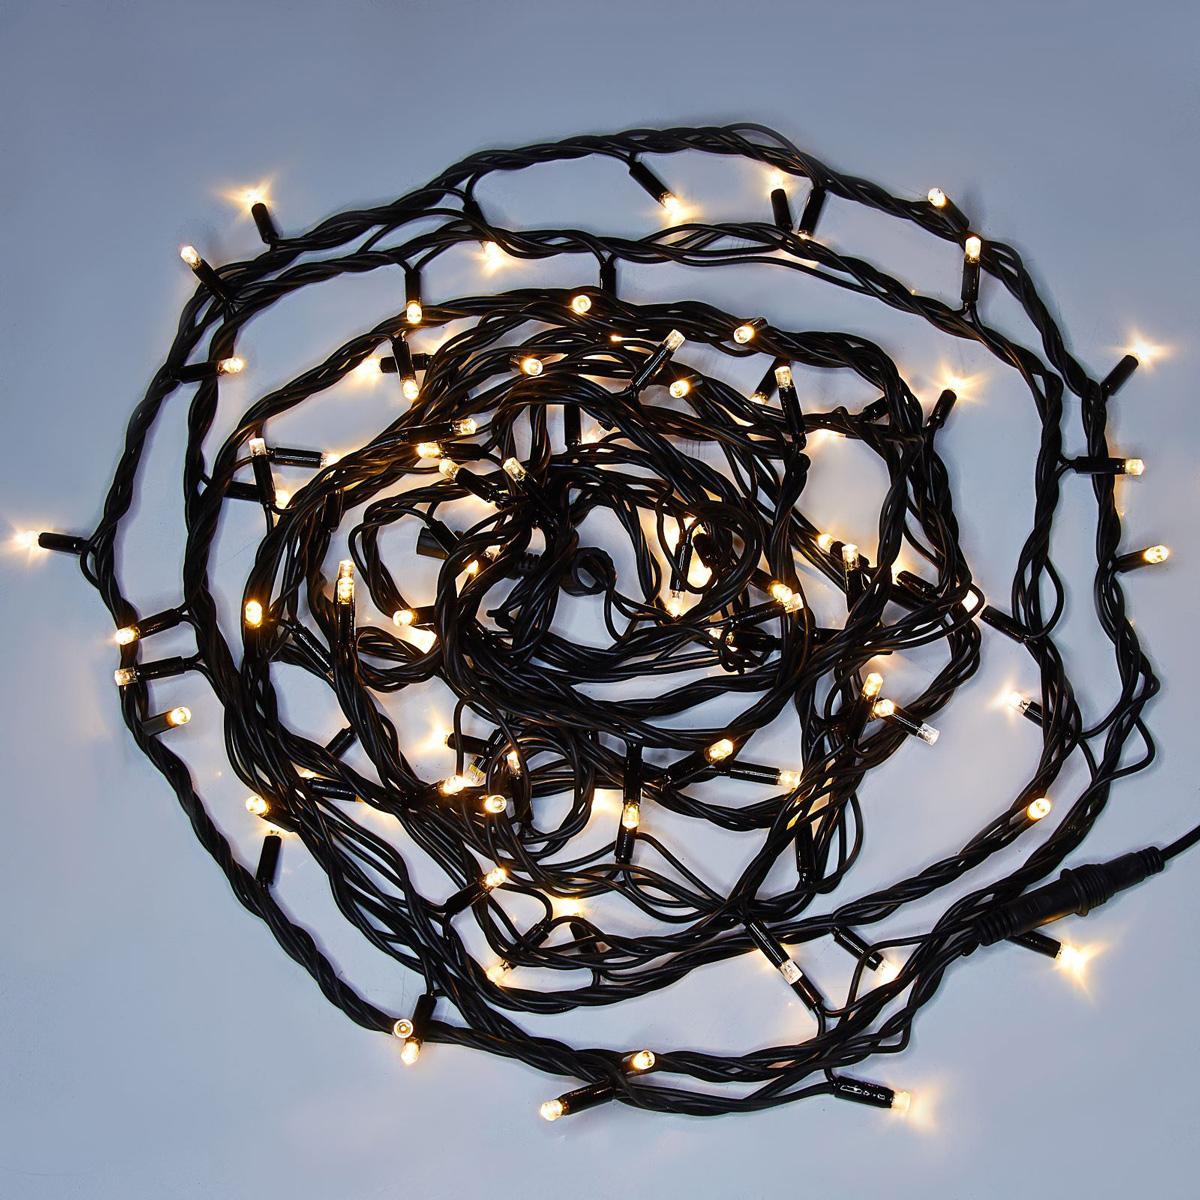 Гирлянда светодиодная Luazon Метраж. Каучук, уличная, 100 ламп, 220 V, 10 м, цвет: белый. 10806351080635Светодиодные гирлянды, ленты и т.д. — это отличный вариант для новогоднего оформления интерьера или фасада. С их помощью помещение любого размера можно превратить в праздничный зал, а внешние элементы зданий, украшенные ими, мгновенно станут напоминать очертания сказочного дворца. Такие украшения создают ауру предвкушения чуда. Деревья, фасады, витрины, окна и арки будто специально созданы, чтобы вы украсили их светящимися нитями.